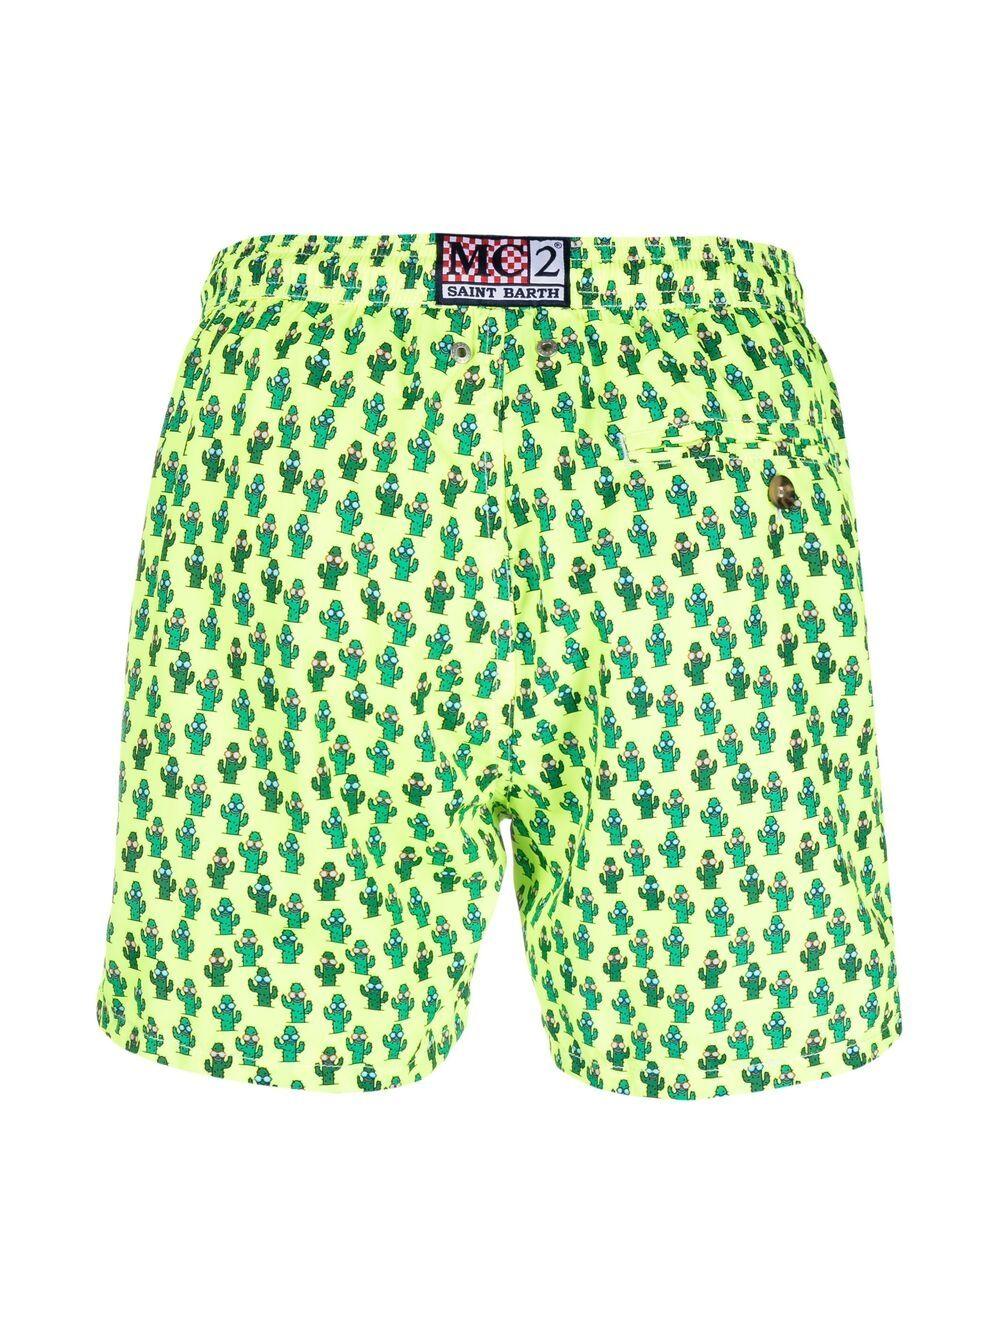 Shorts da bagno giallo fluo in poliestere riciclato con stampa Cactus MC2 | Costumi | LIGHTING MICRO FANTASY-CACTUS SUN94